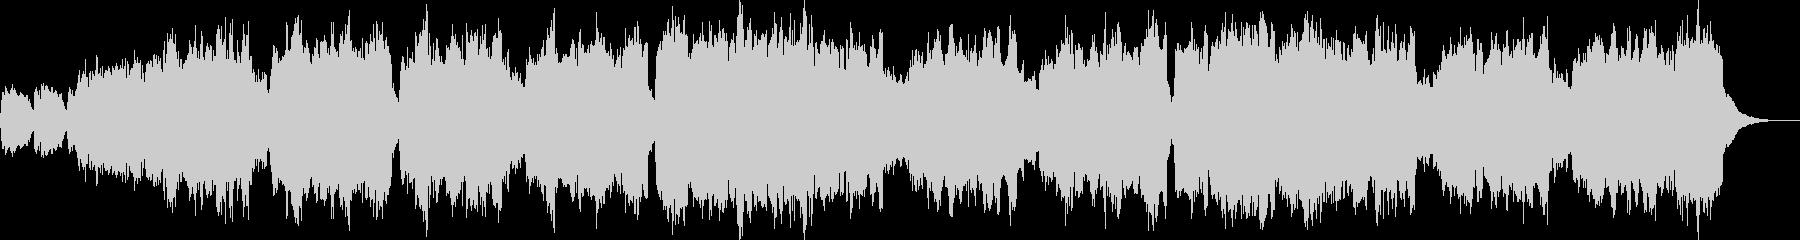 【BGM】結婚式入場01(オルガン)の未再生の波形